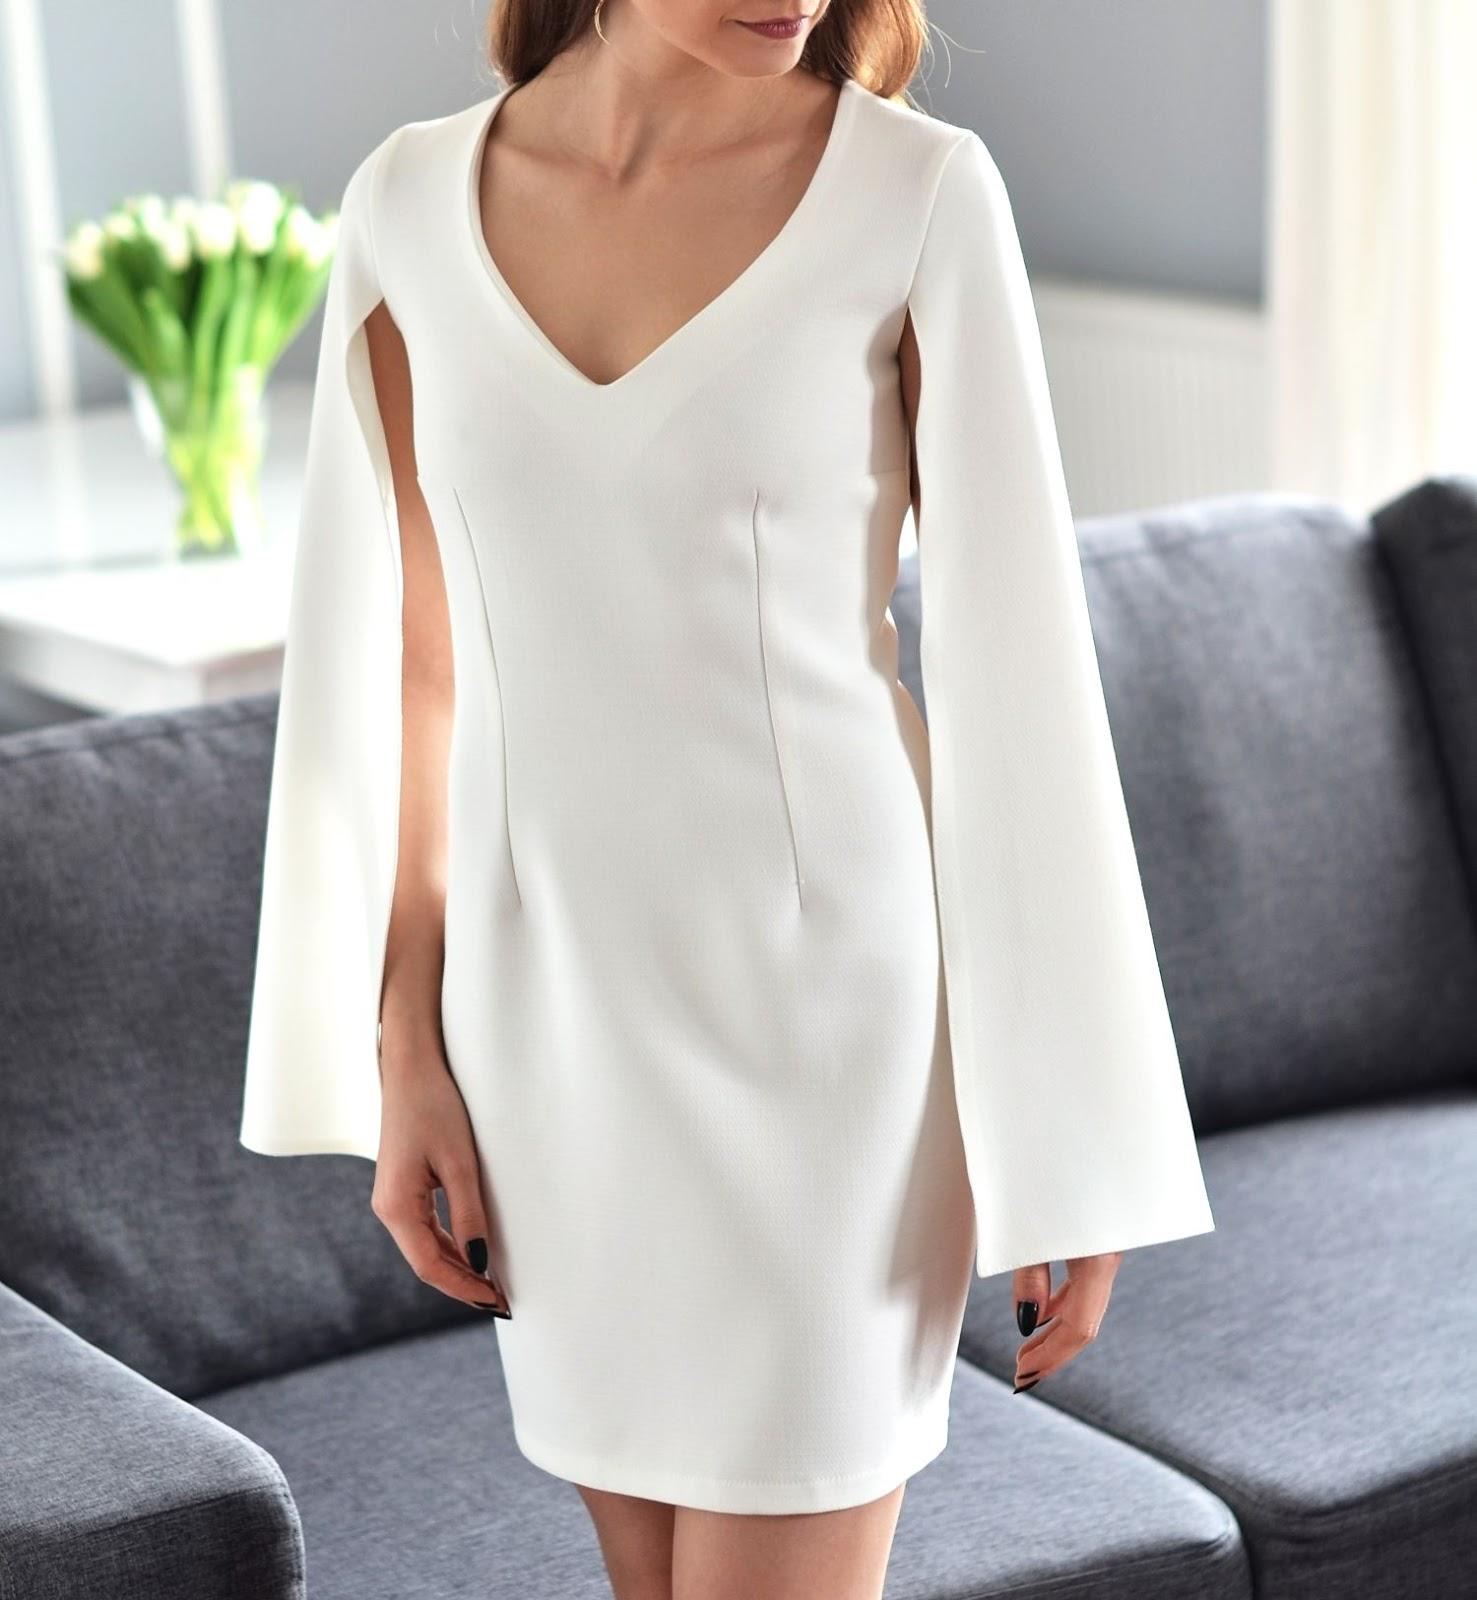 biala sukienka | sukienka na lato